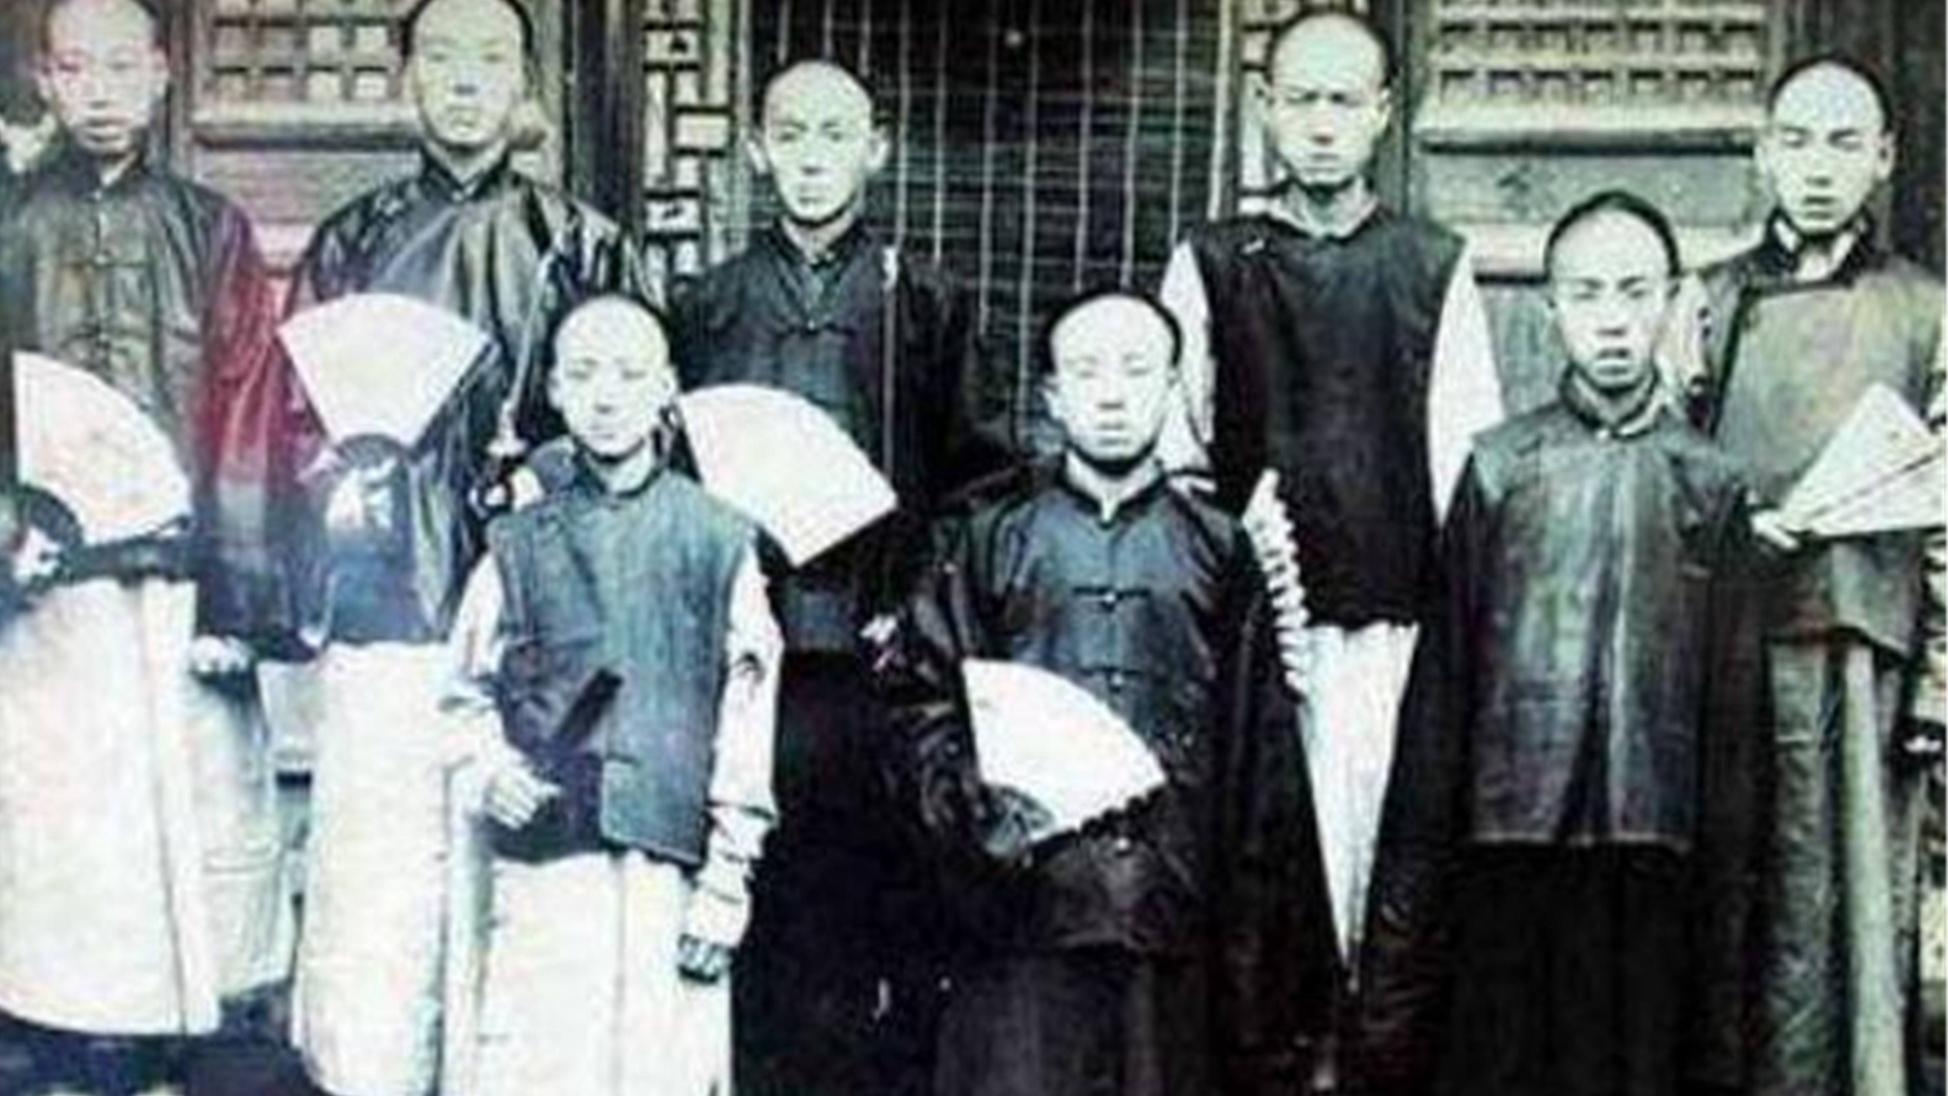 清朝灭亡后八旗子弟和格格们都去哪了?为何满语也随之消失了?